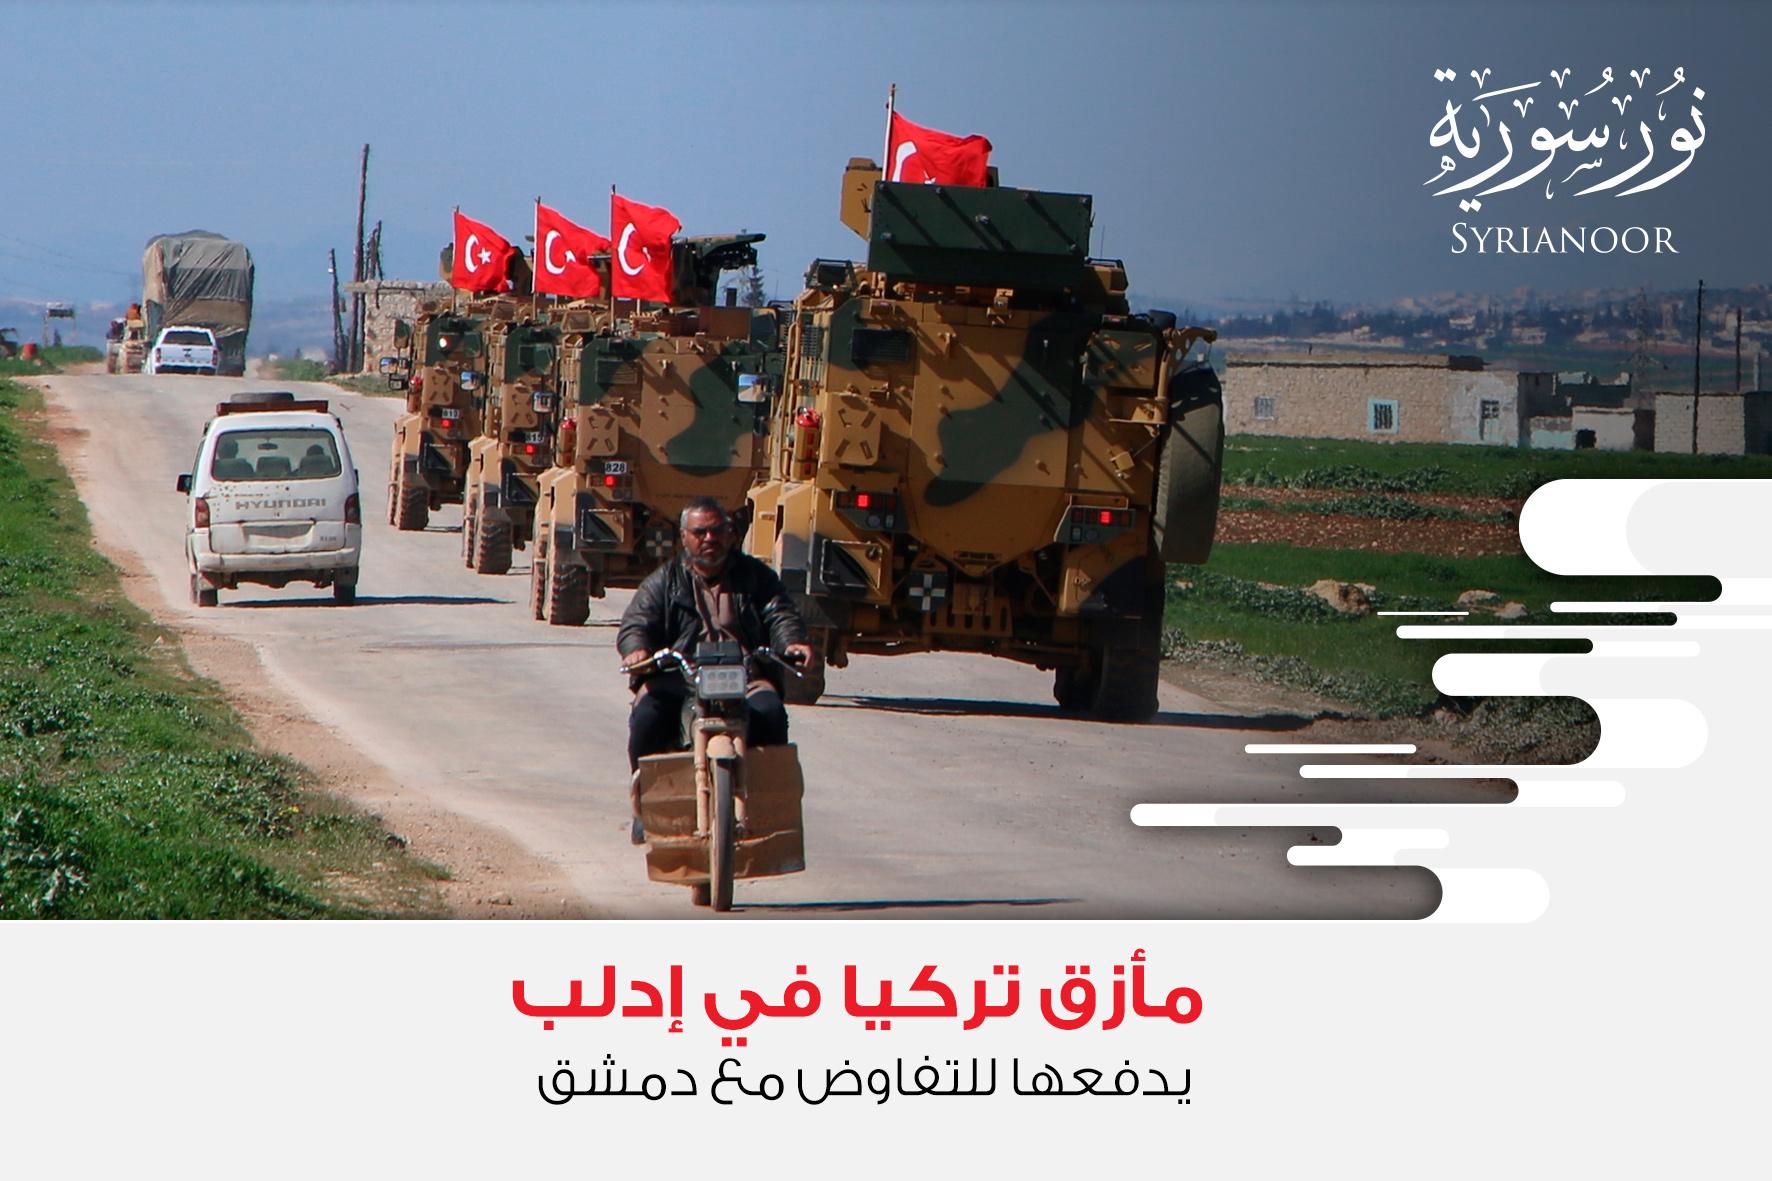 مأزق تركيا في إدلب يدفعها للتفاوض مع دمشق